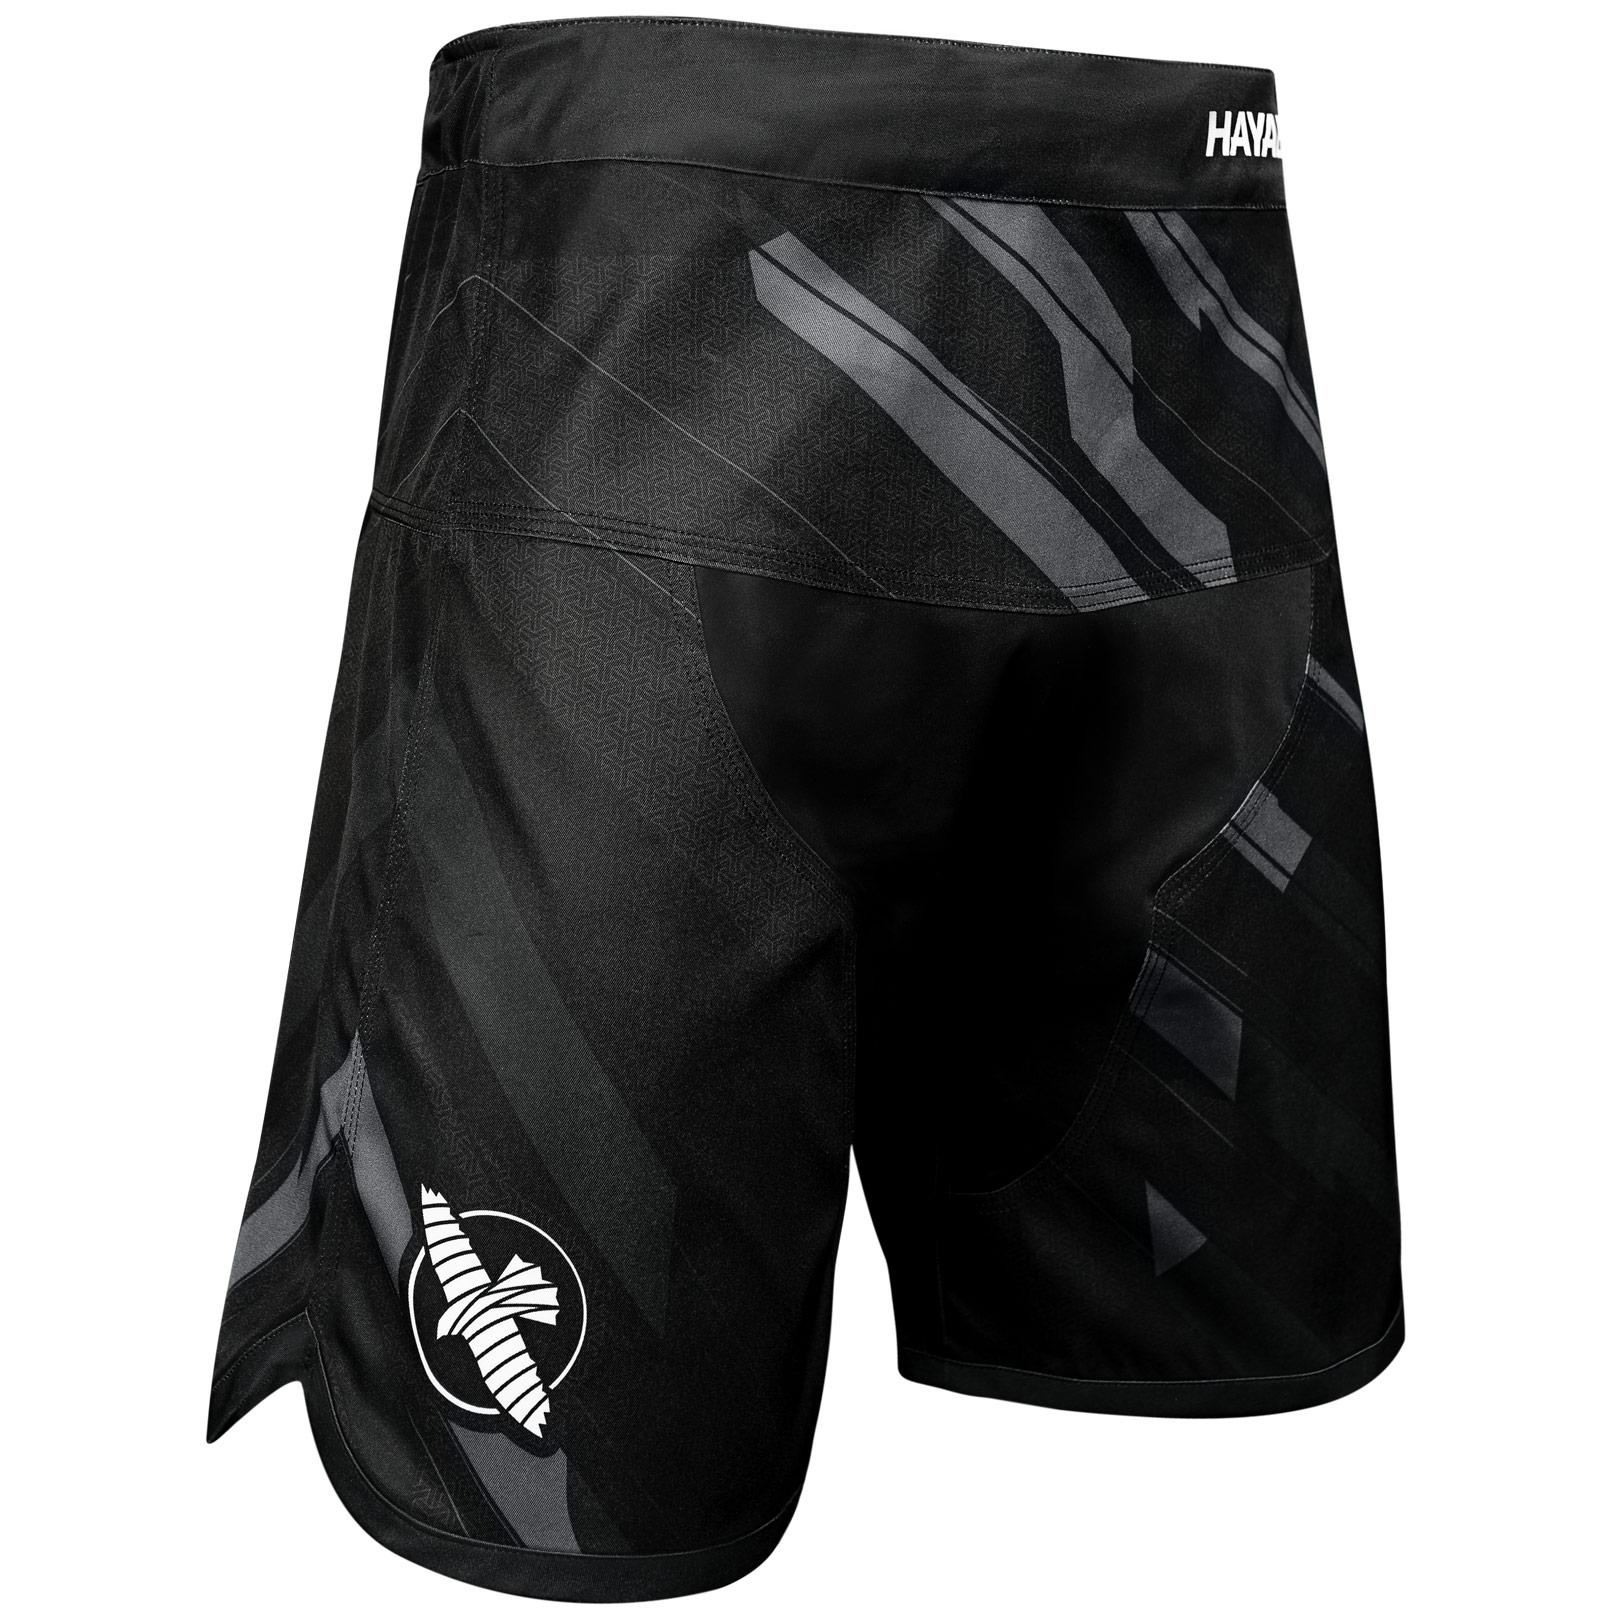 Metaru Charged - Shorts - Black